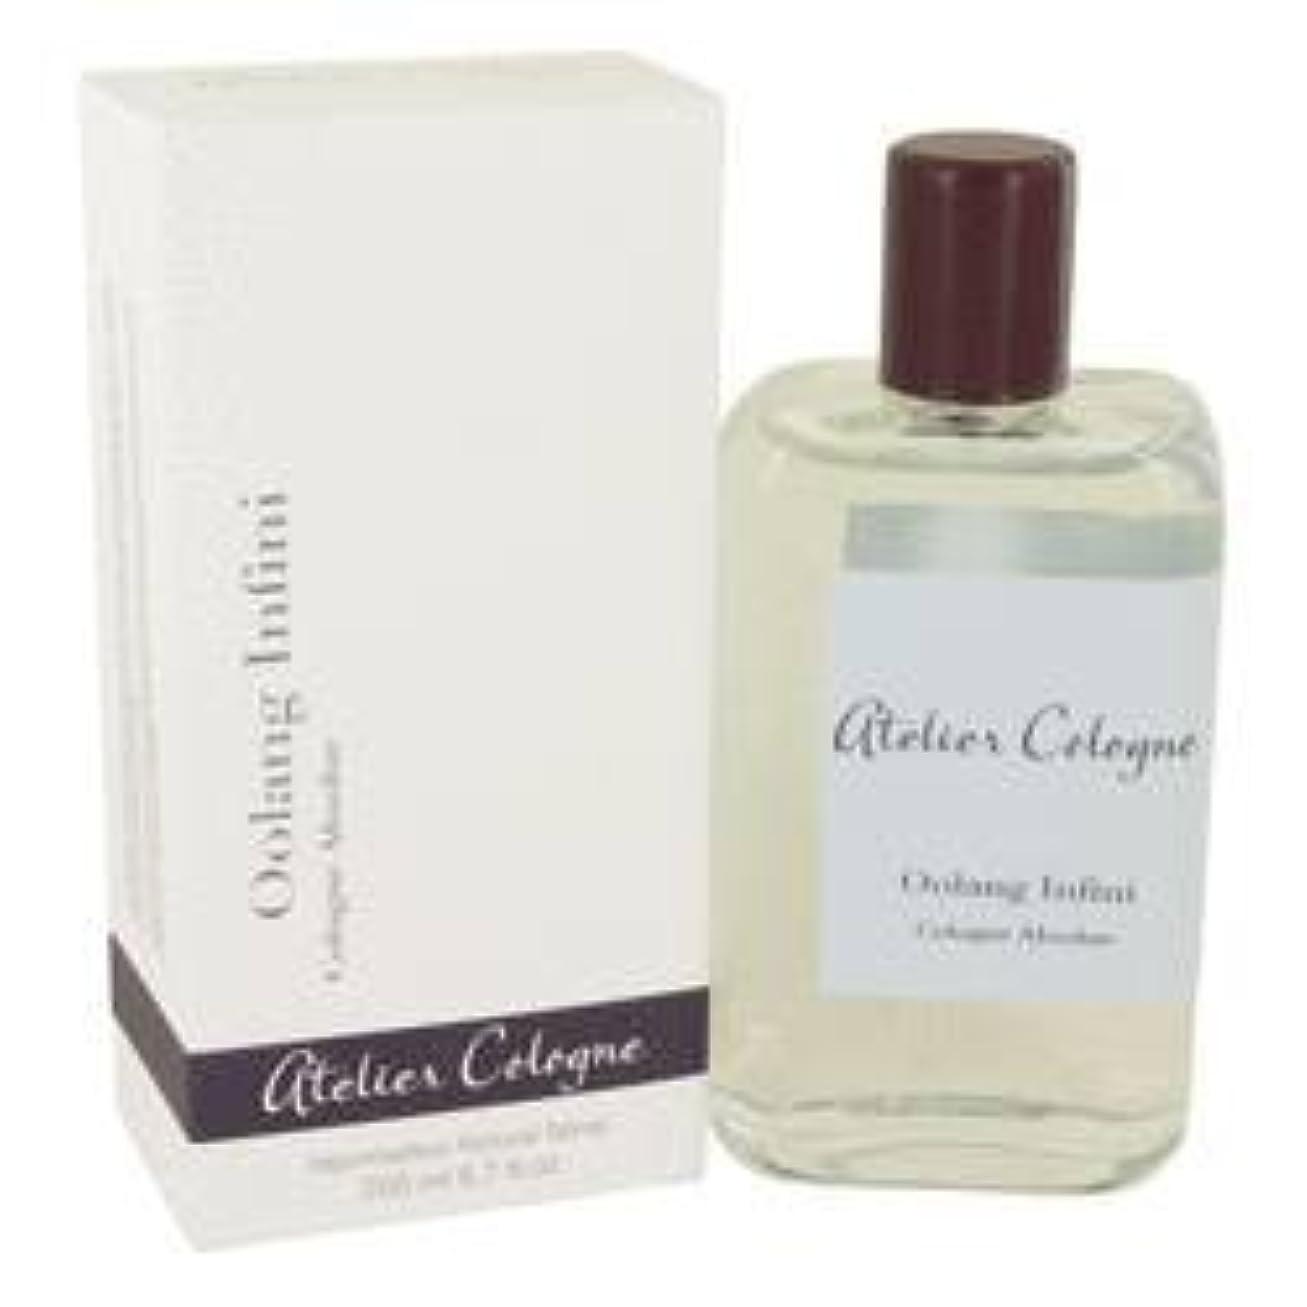 免疫みと組むOolang Infini Pure Perfume Spray By Atelier Cologne